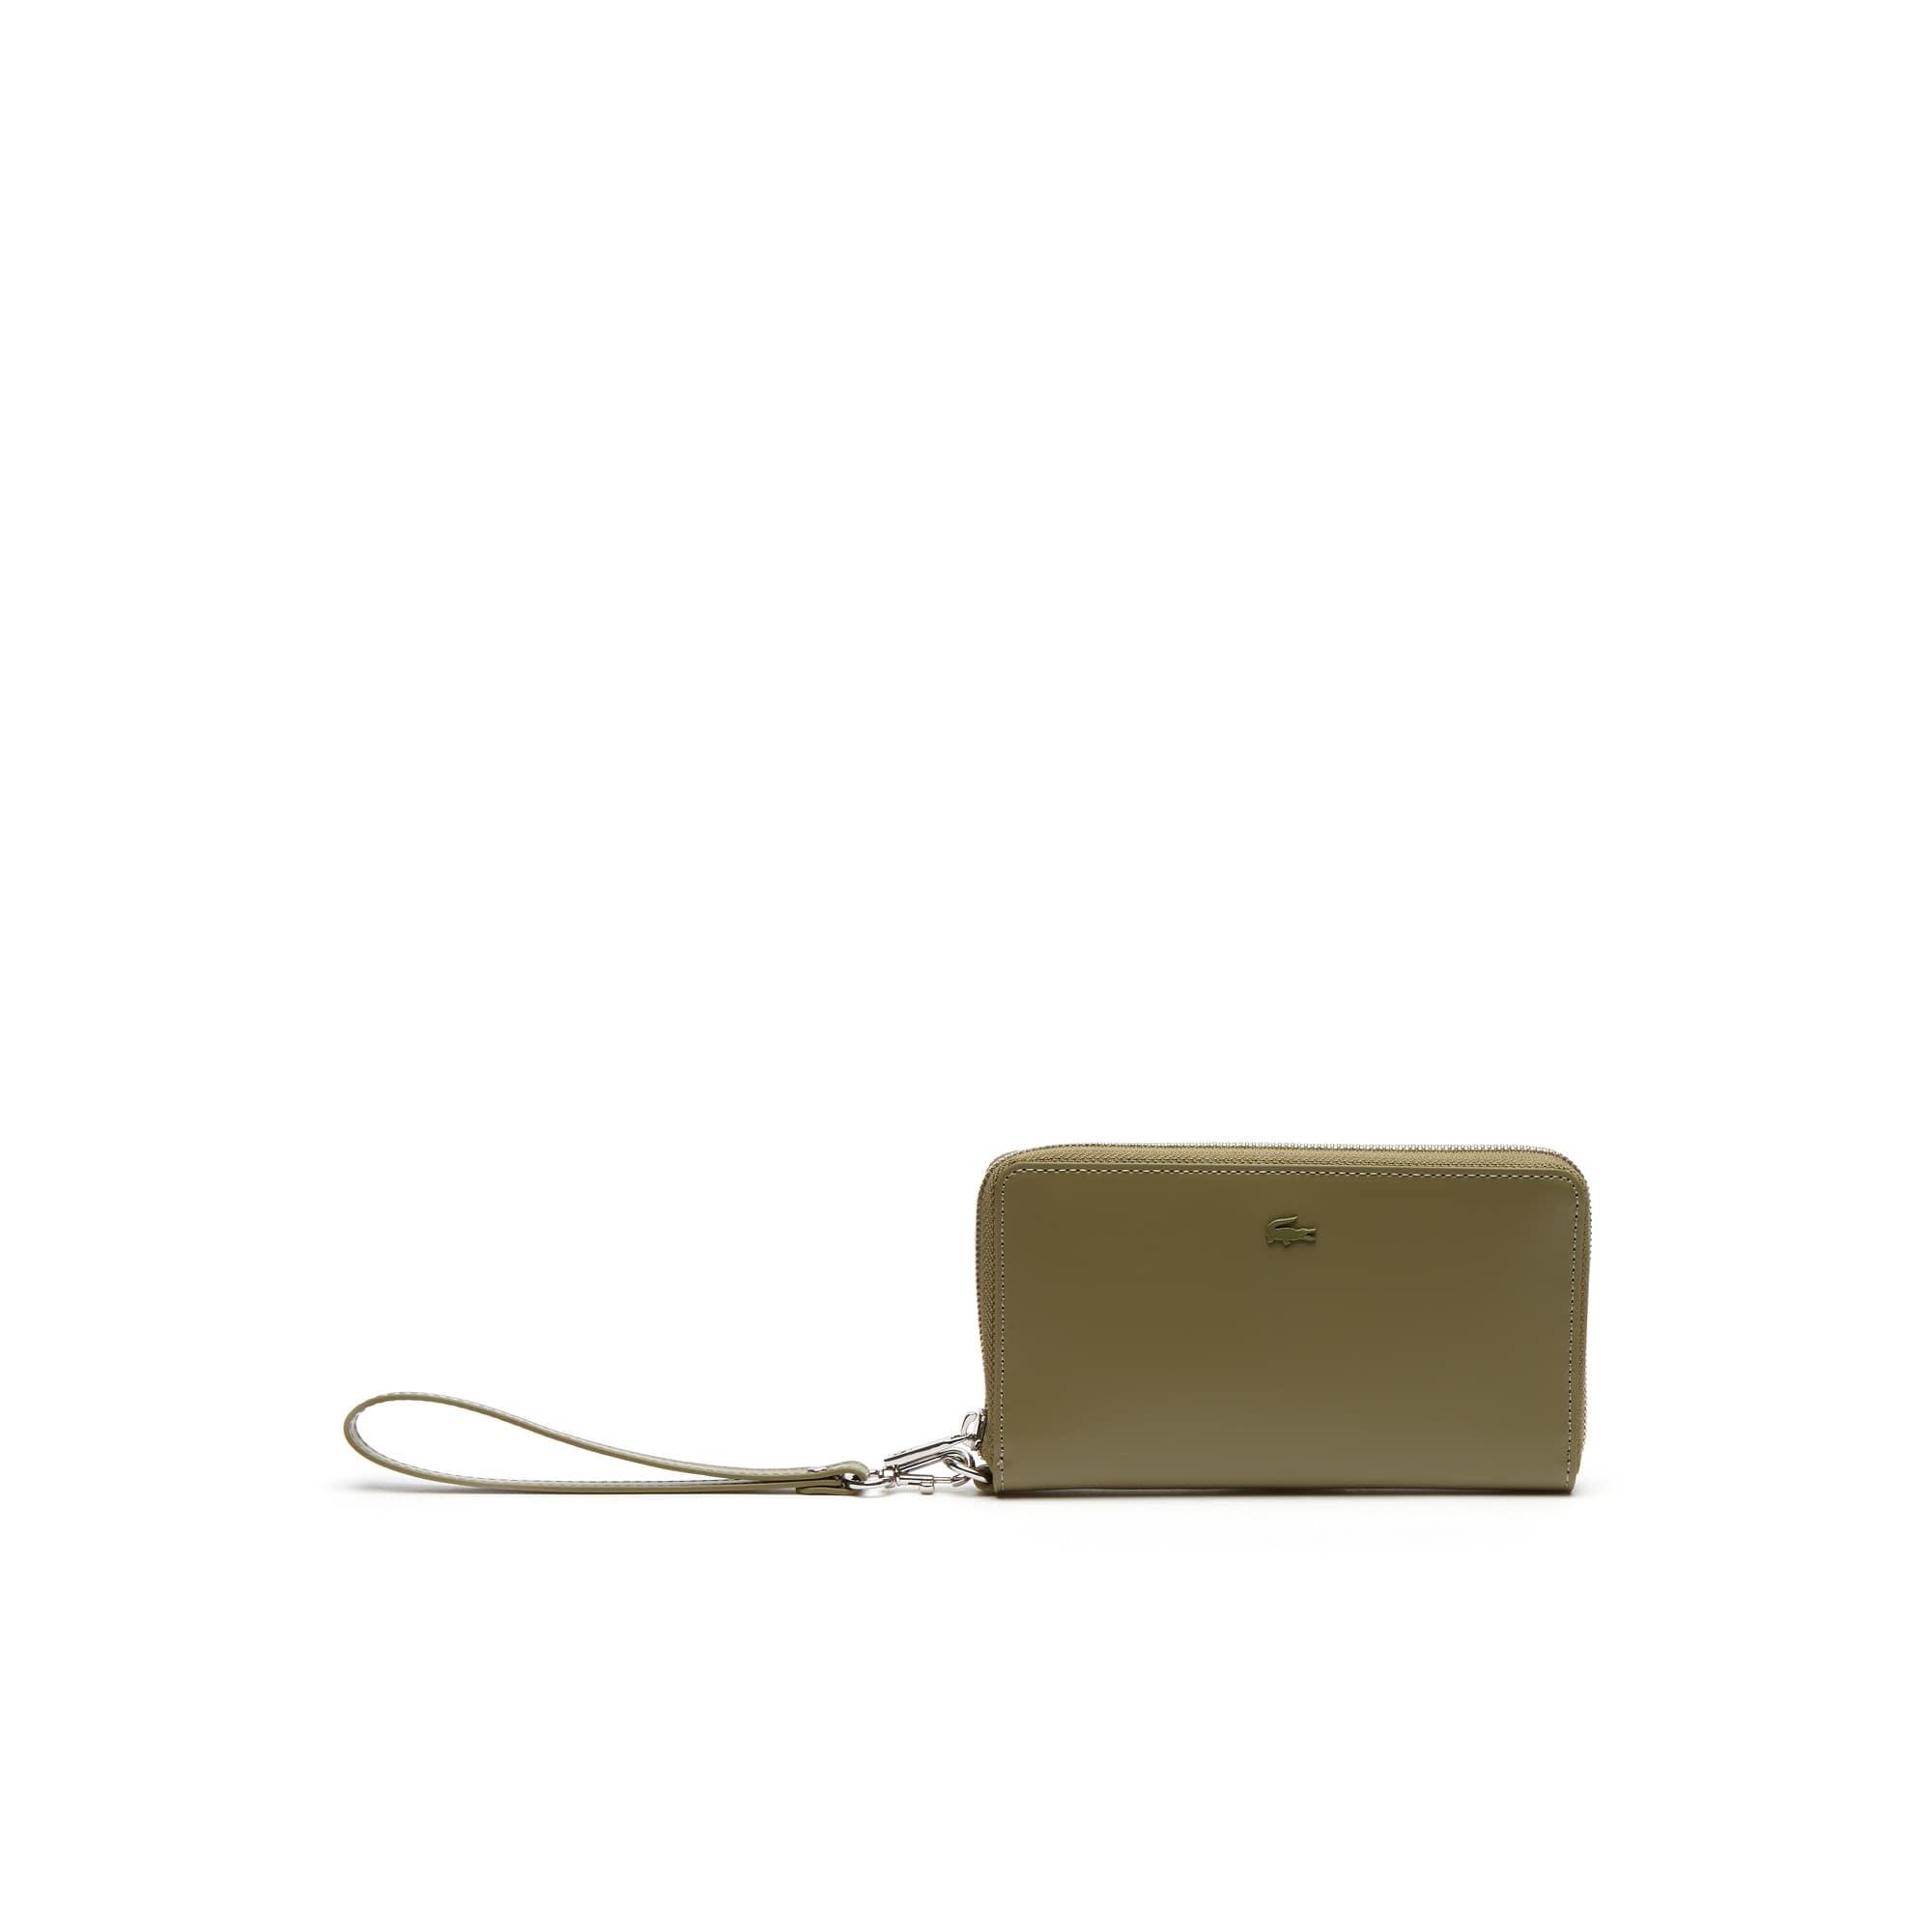 Portefeuille zippé Mini Golf en cuir glacé uni 7 cartes